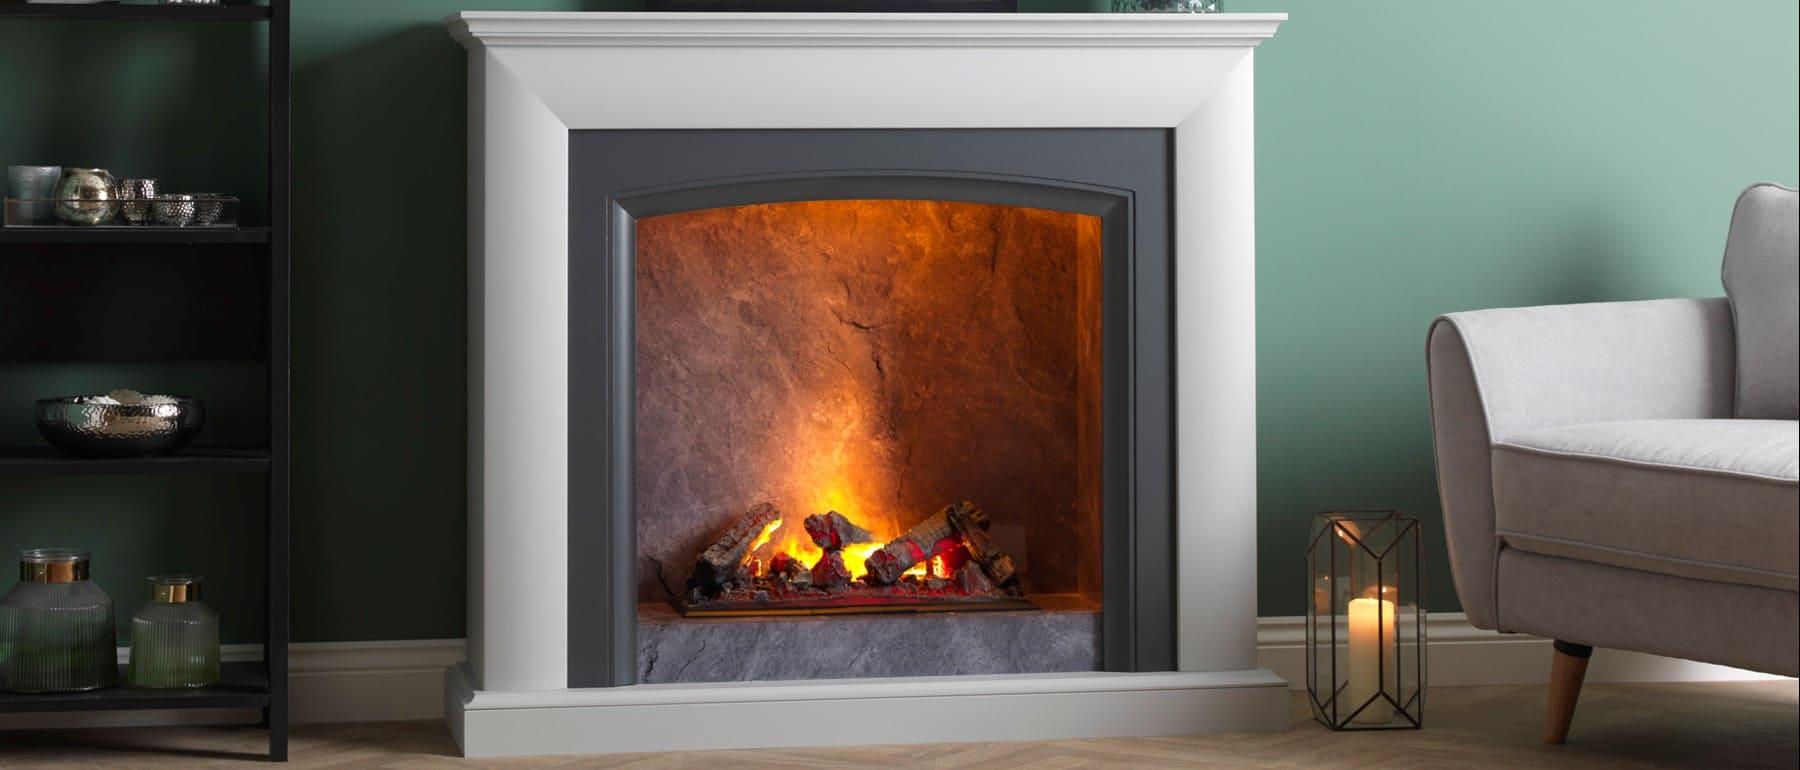 Italia Salerino Optimyst Electric Fireplace Suite